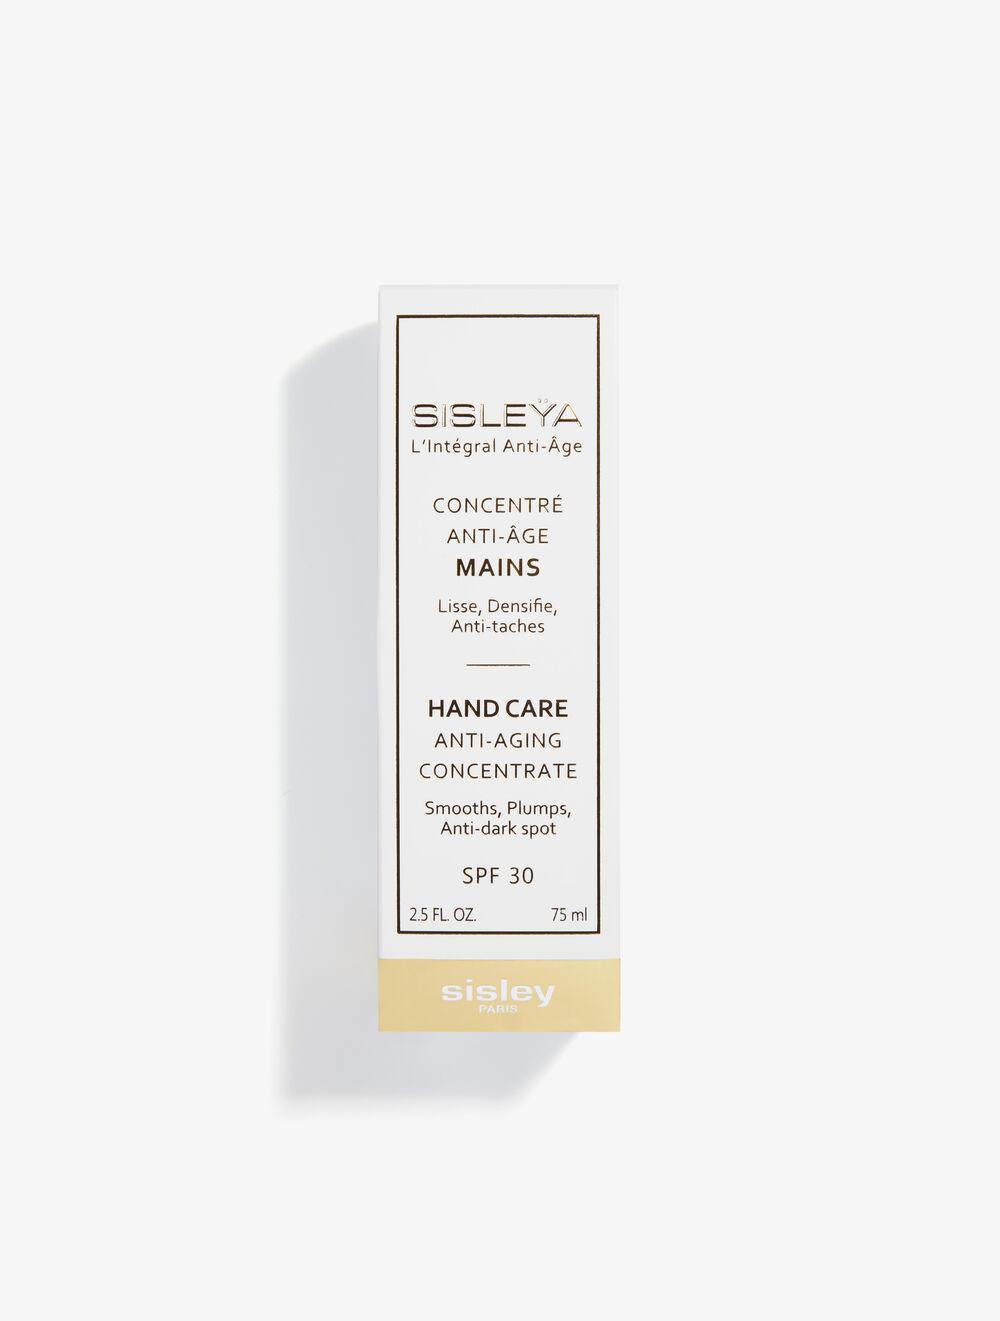 Sisleÿa L'Intégral Anti-Âge Hand Care anti-ageing Cream